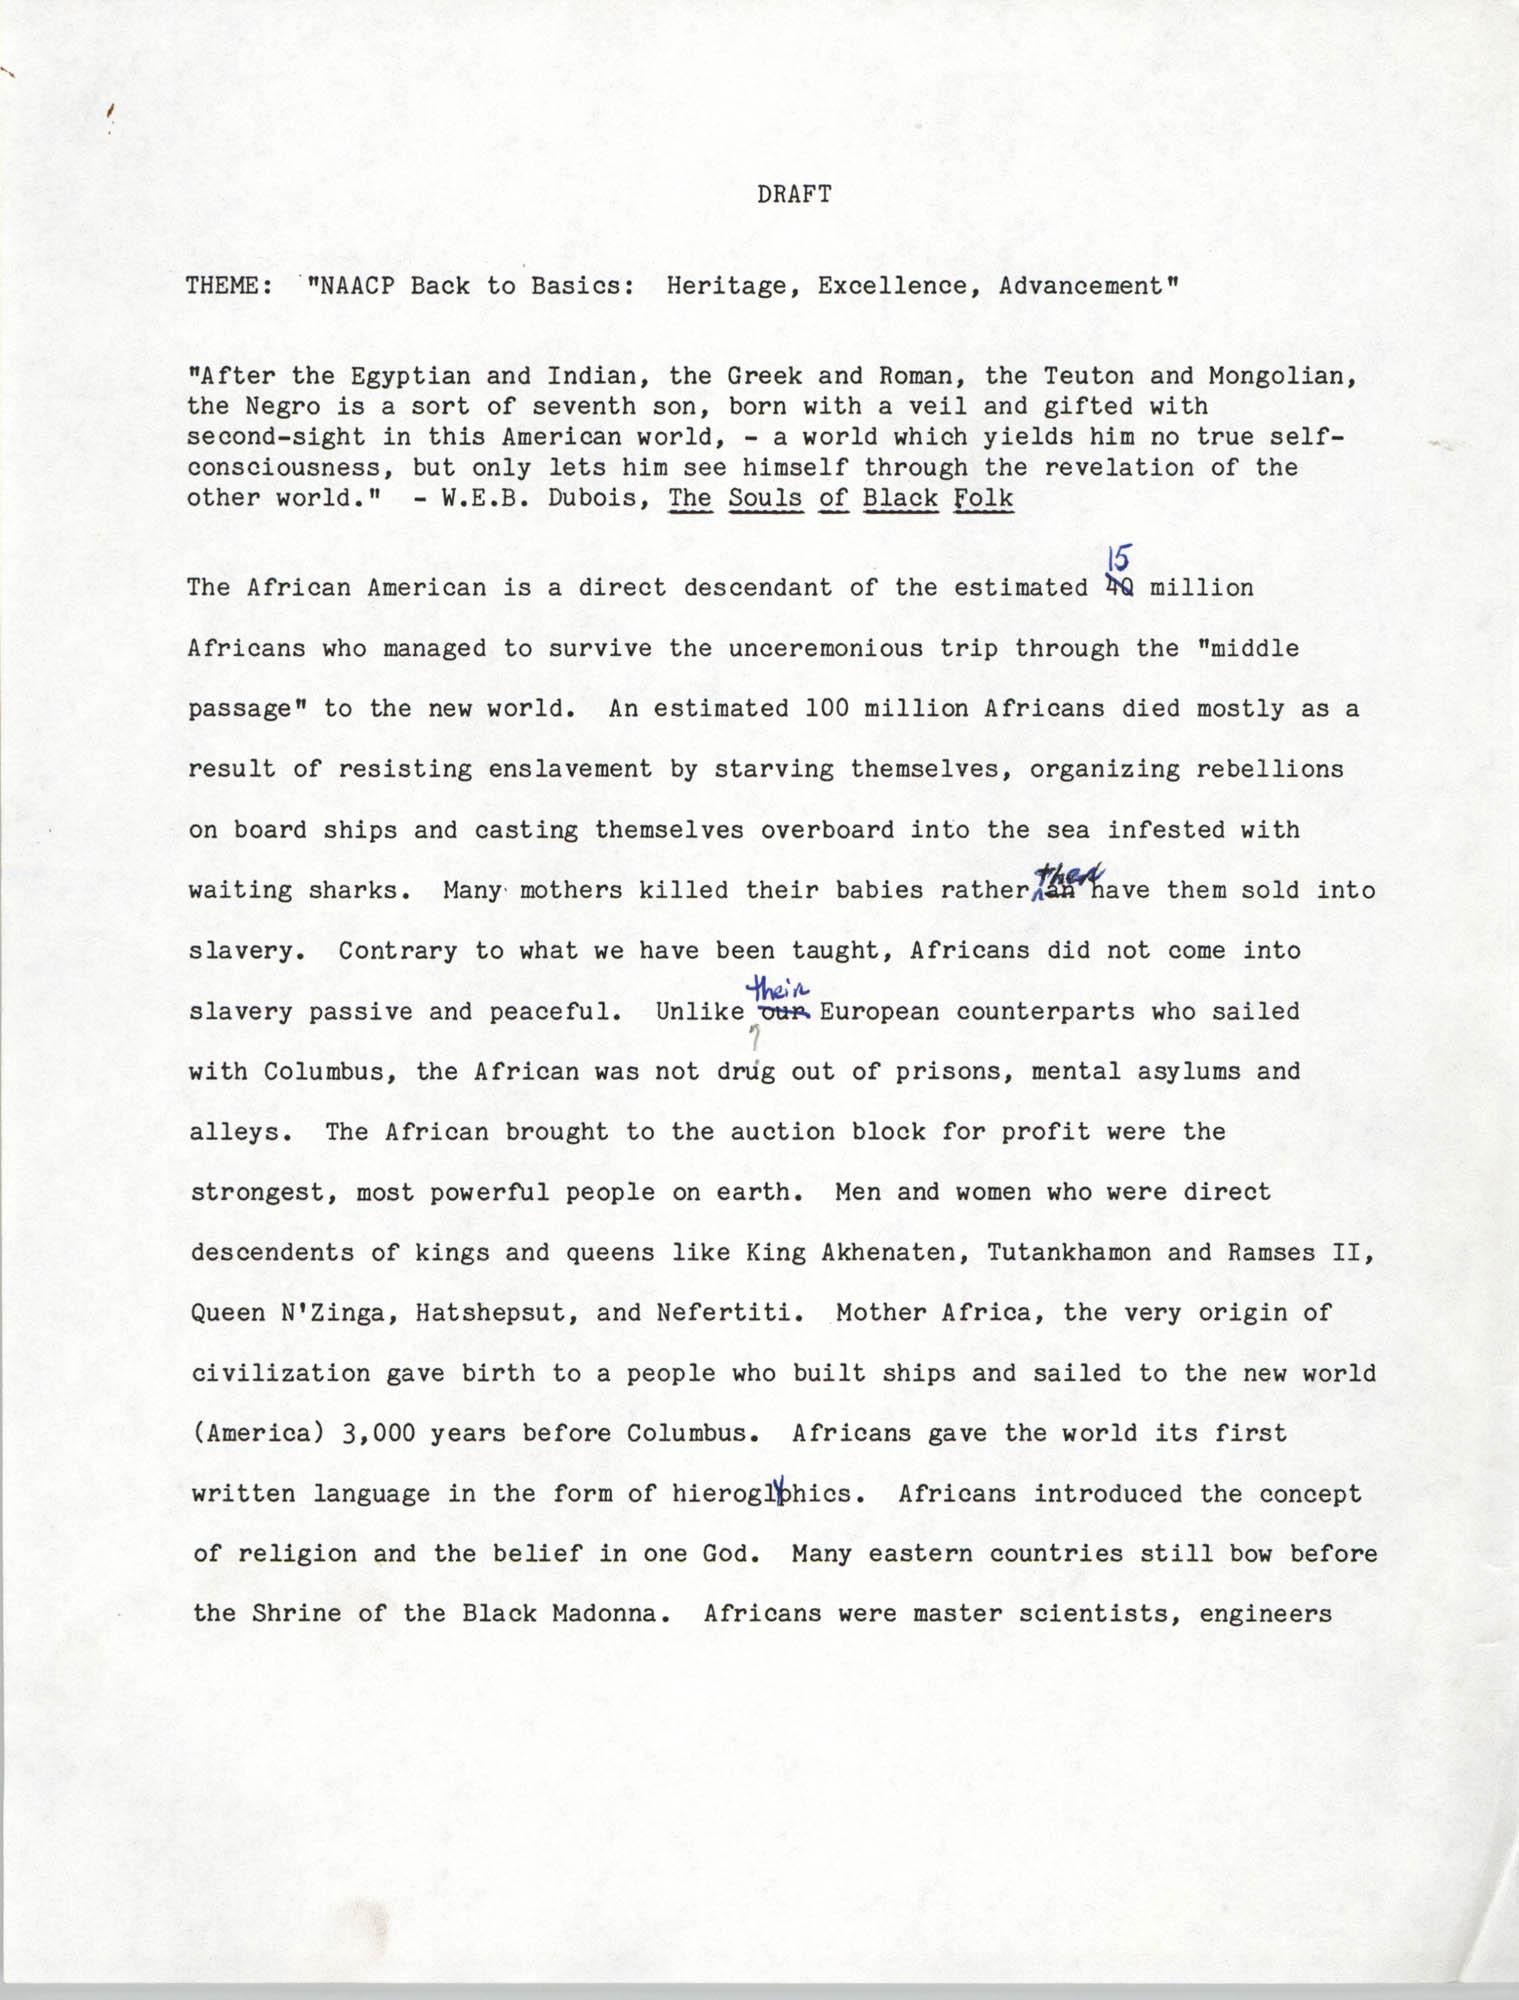 Draft, Speech, Roy I. Jones